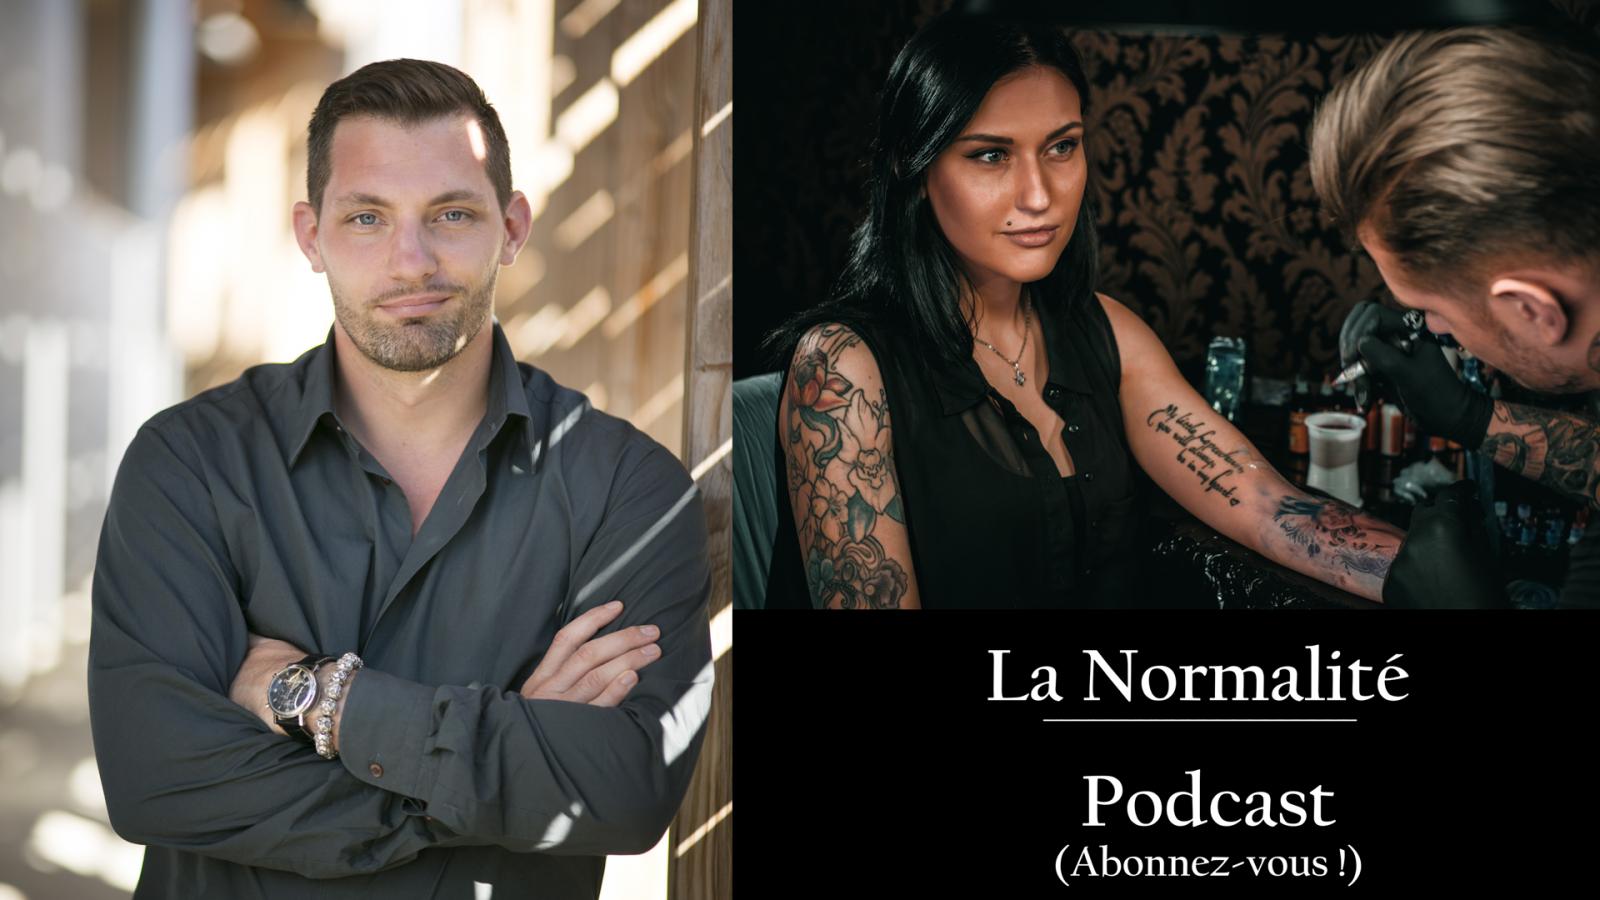 3eme podcast : La Normalité